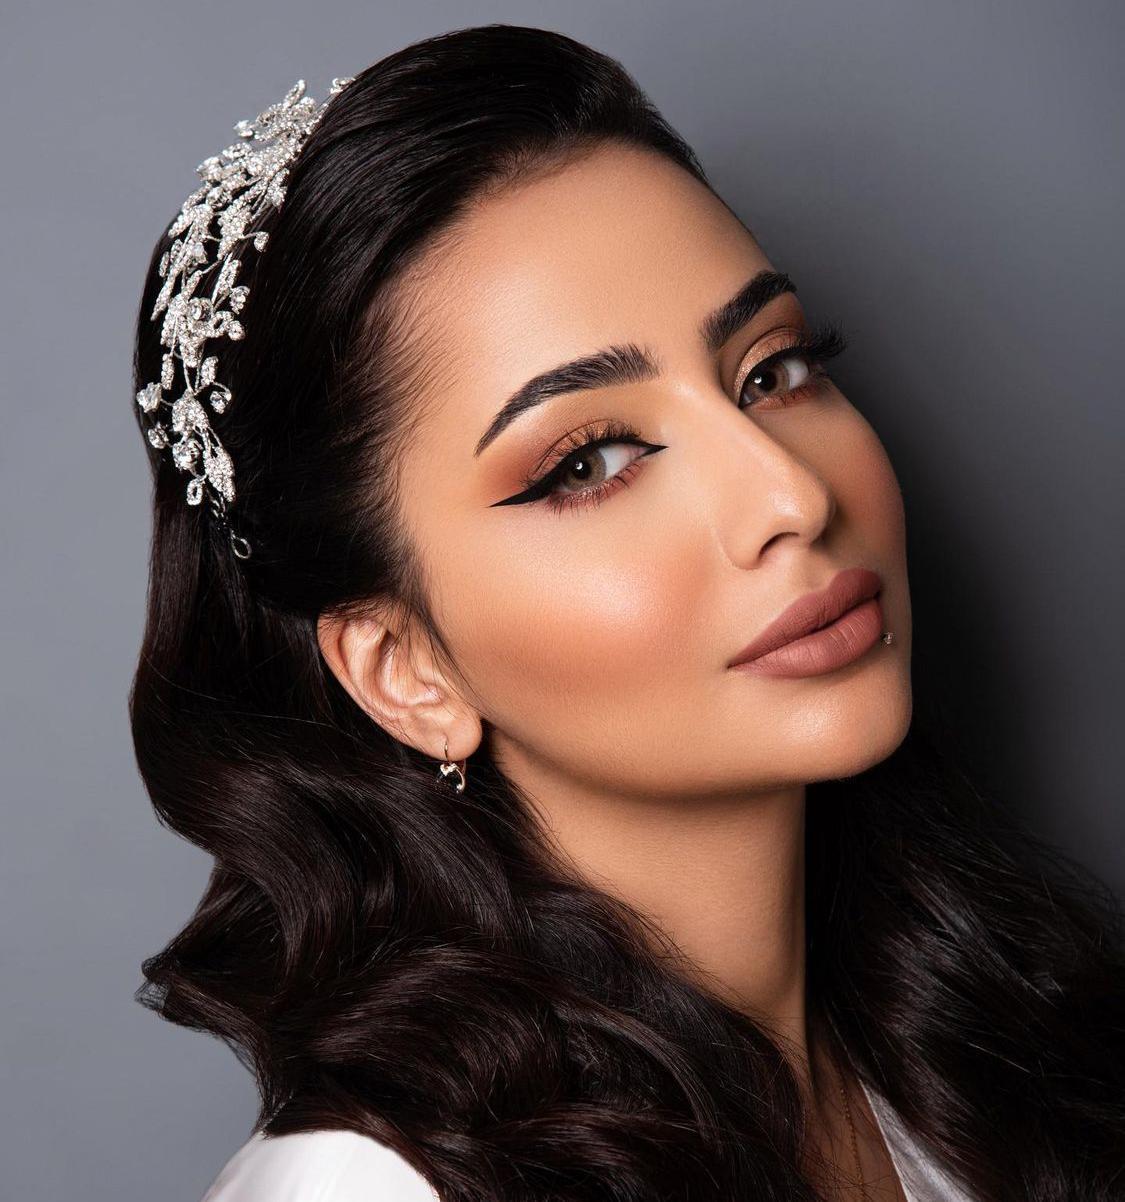 2 مكياج للعروس باسلوب خبيرة التجميل السعودية شيخة عبد الرحمن-الصورة من حسابها على الانستغرام